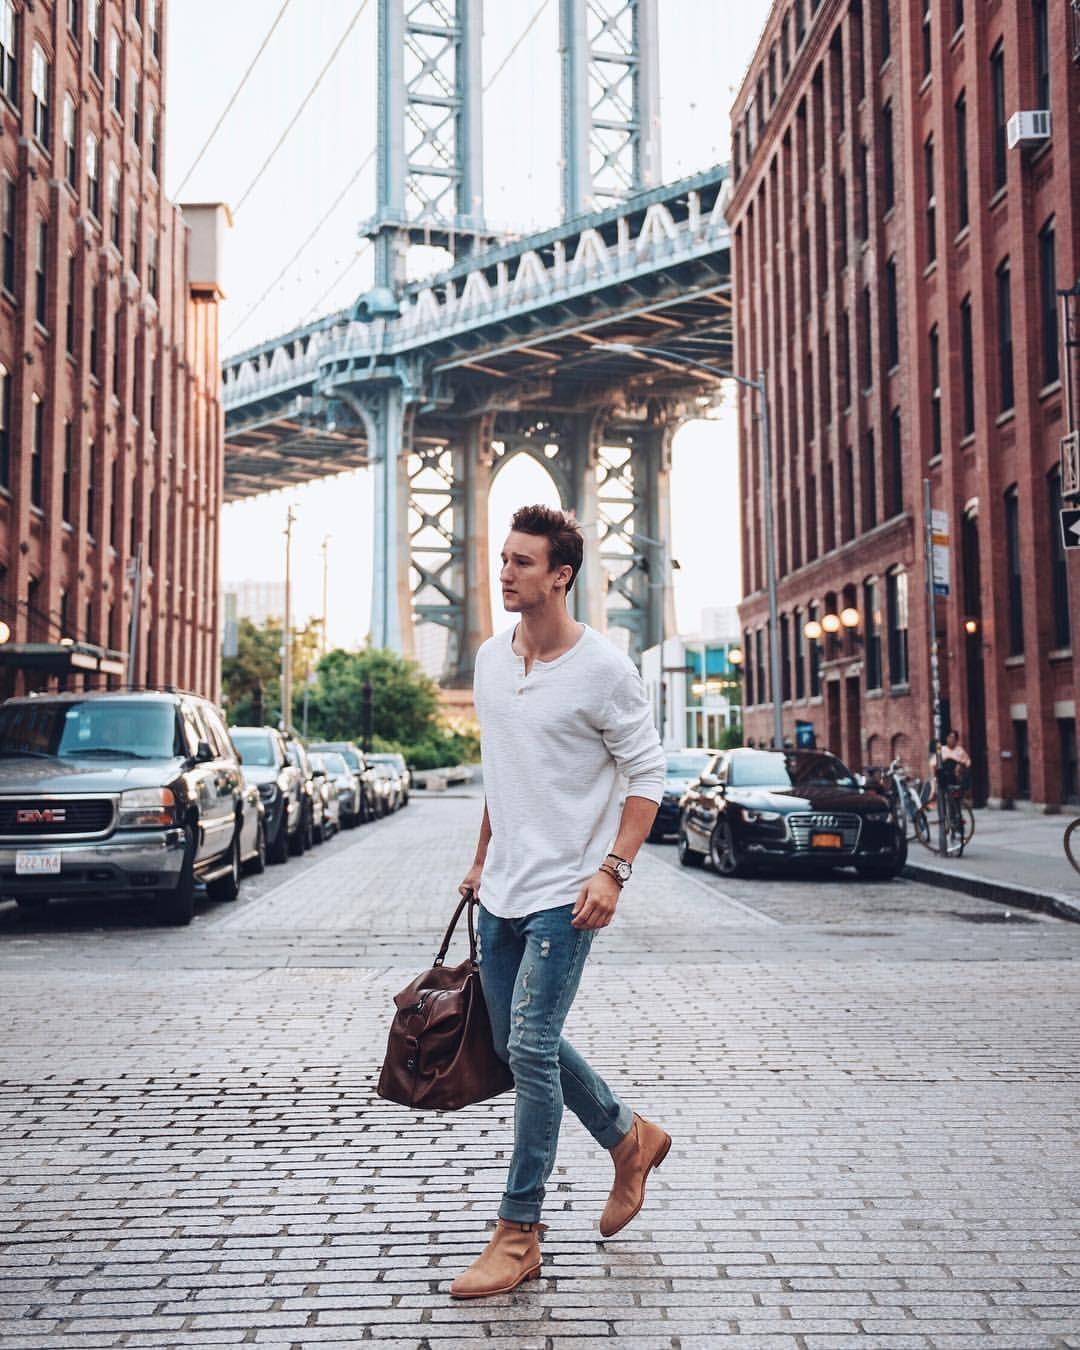 buy popular 0b7f5 2bbb7 Moda Masculina, Hombres, Moda Hombre, Consejos De Moda, Trajes De Moda,